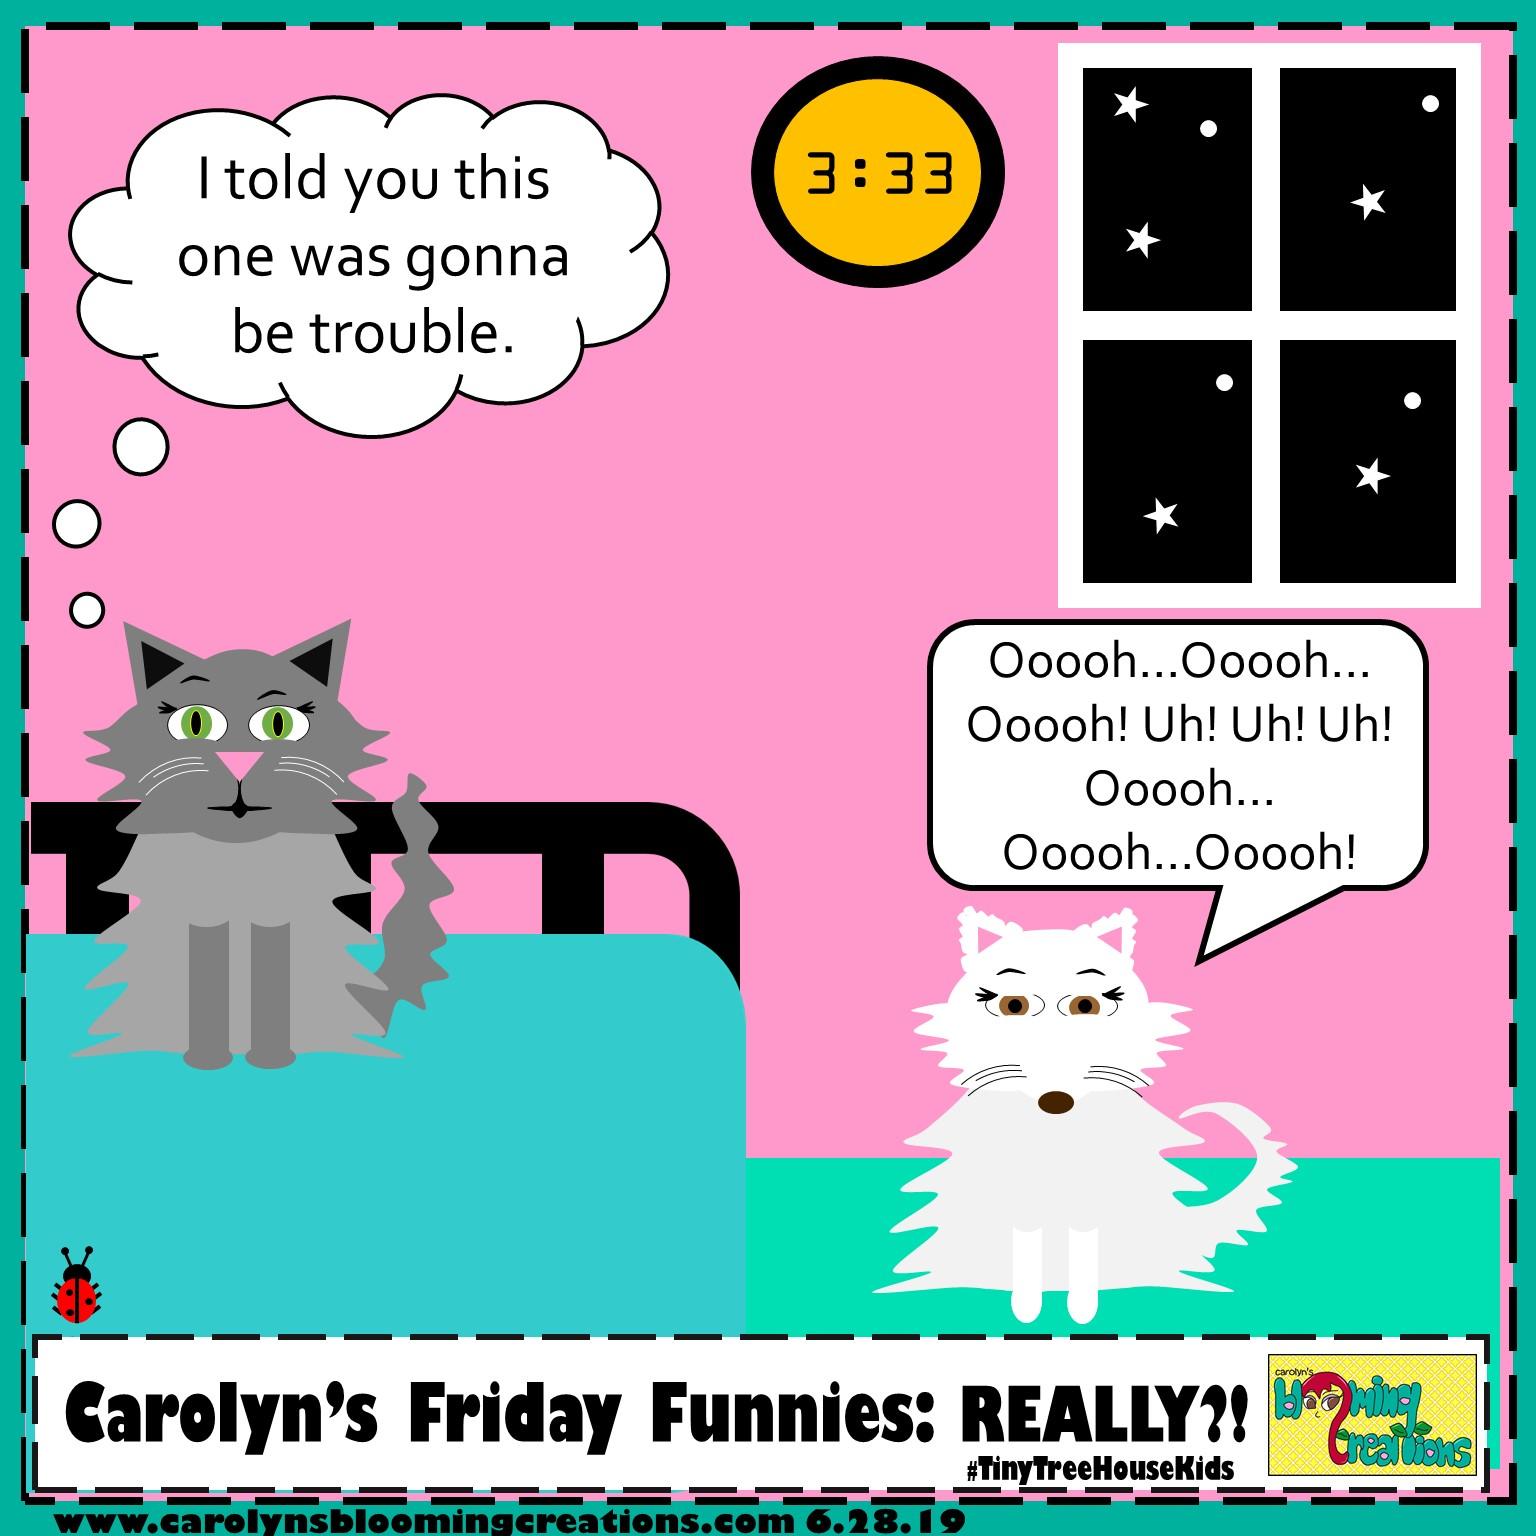 Carolyn Braden friday funny really.jpg